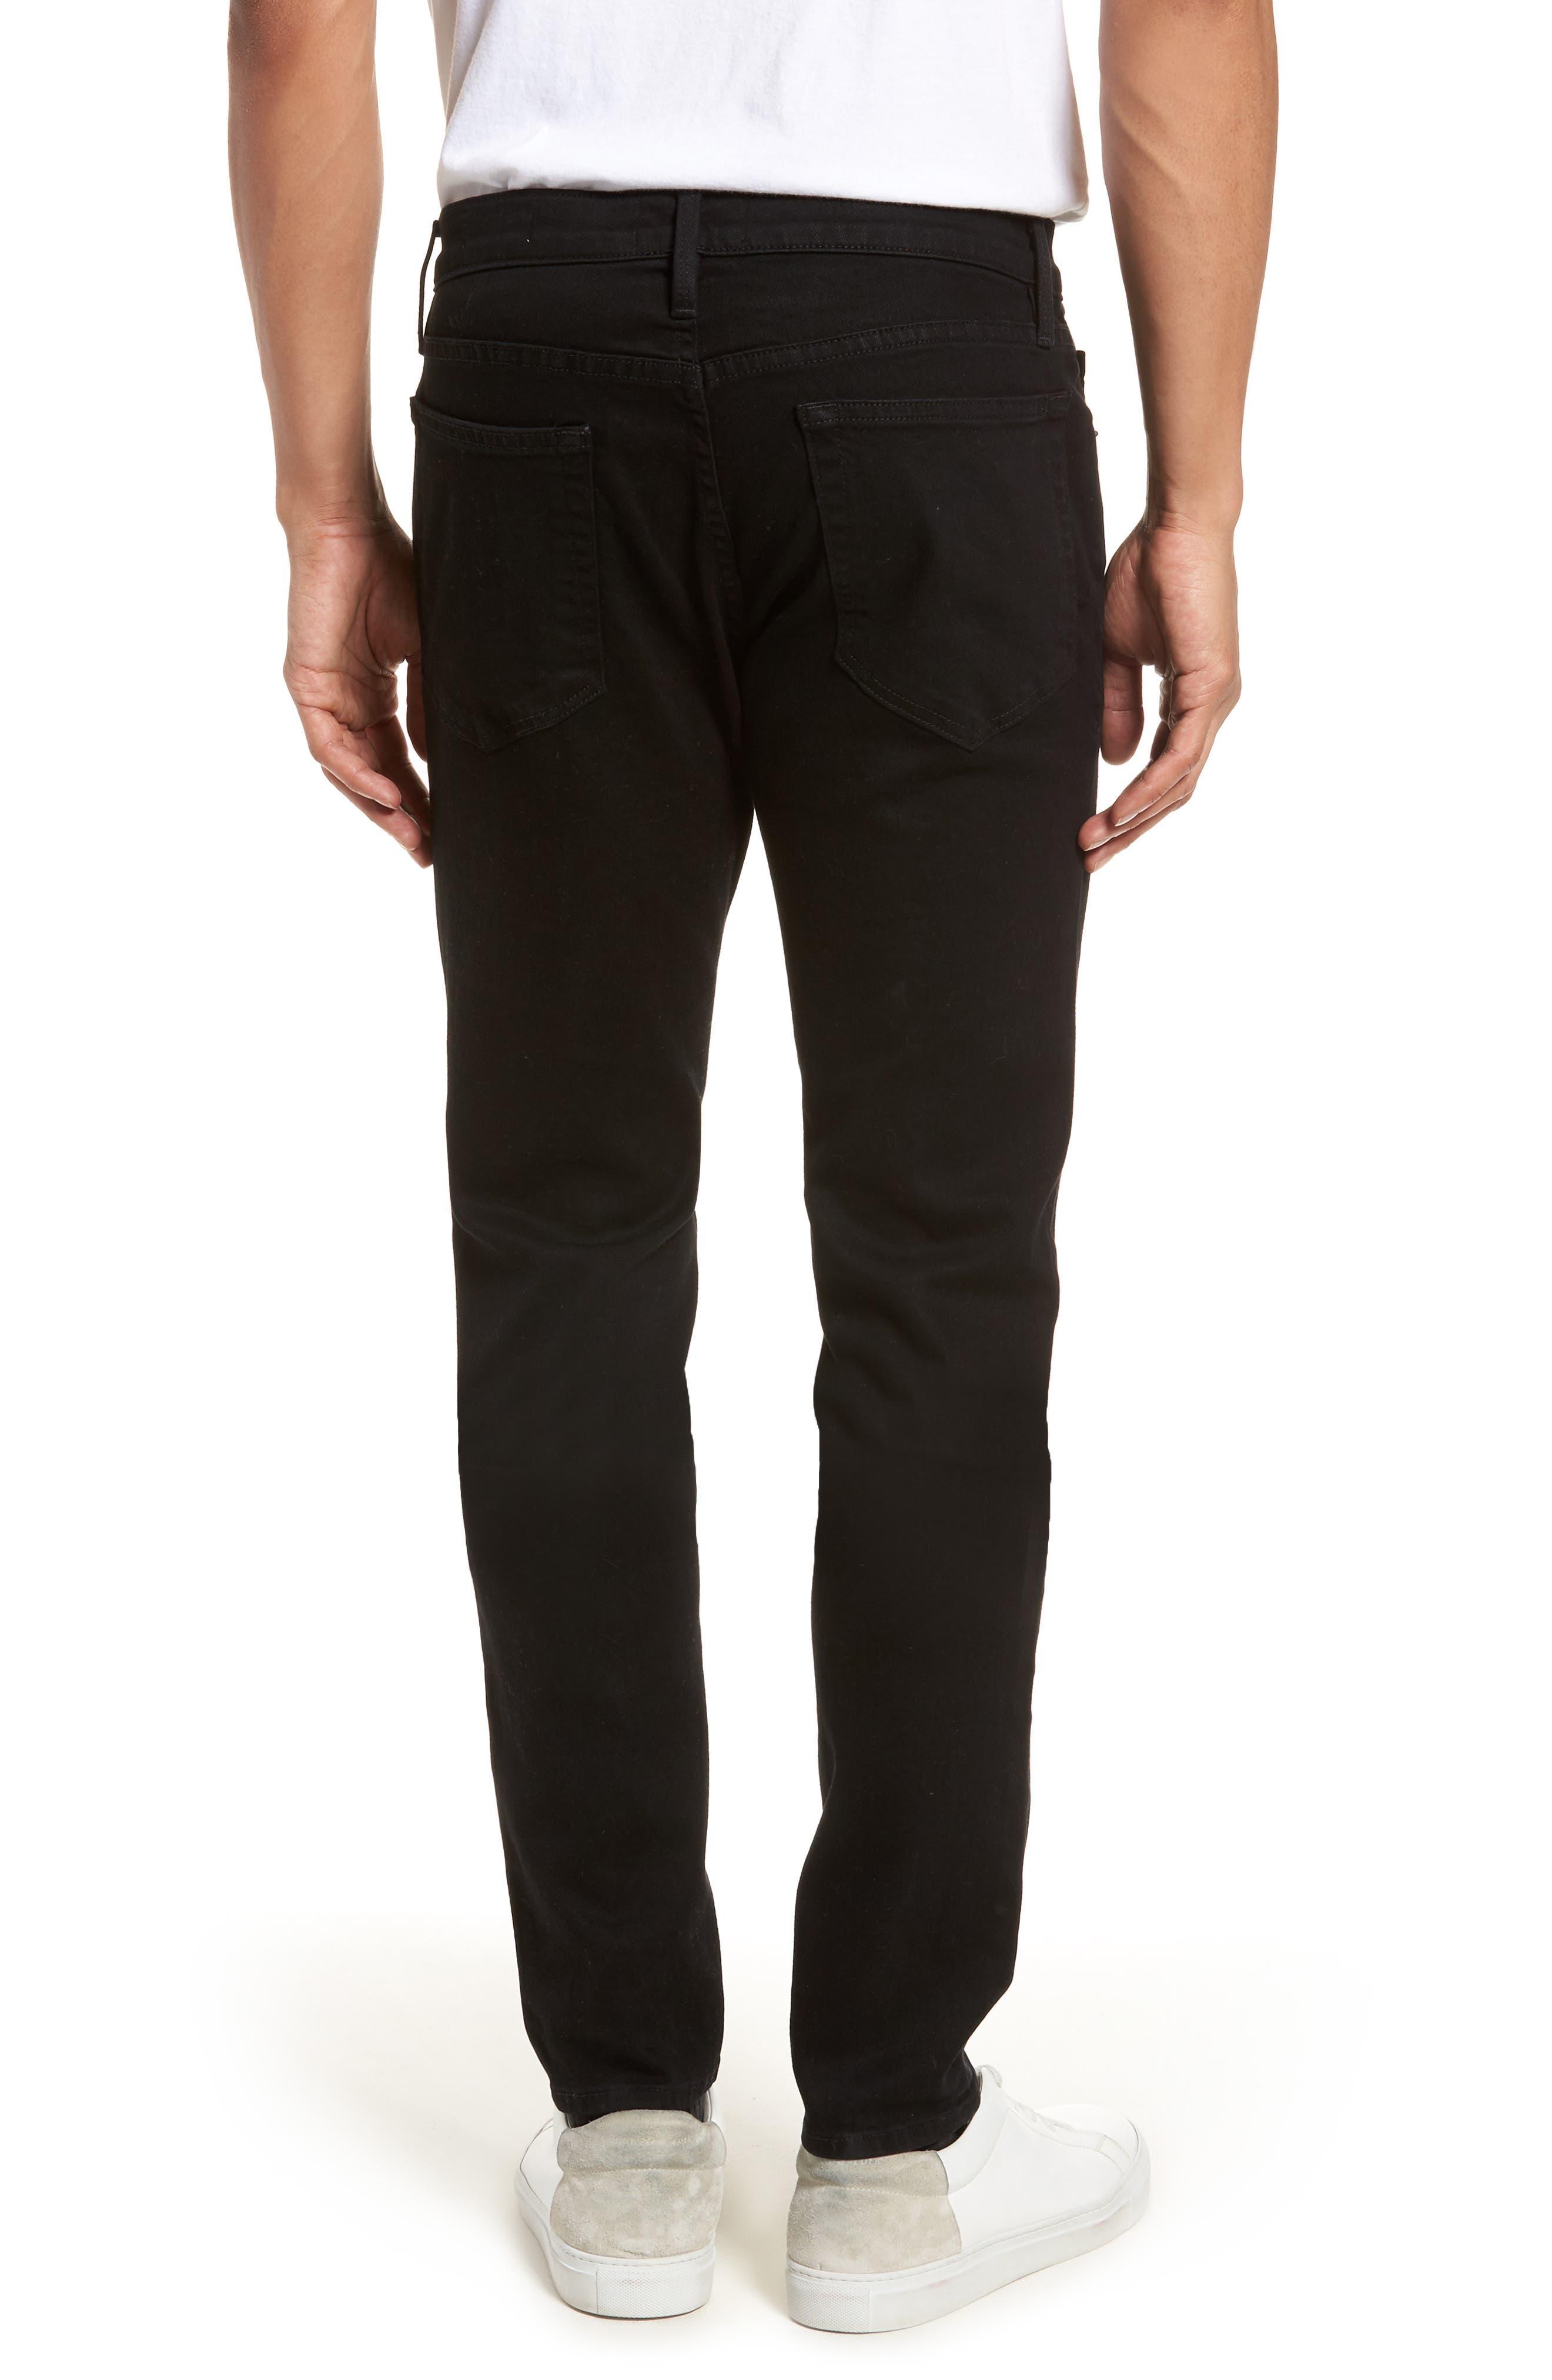 L'Homme Skinny Fit Jeans,                             Alternate thumbnail 2, color,                             Noir